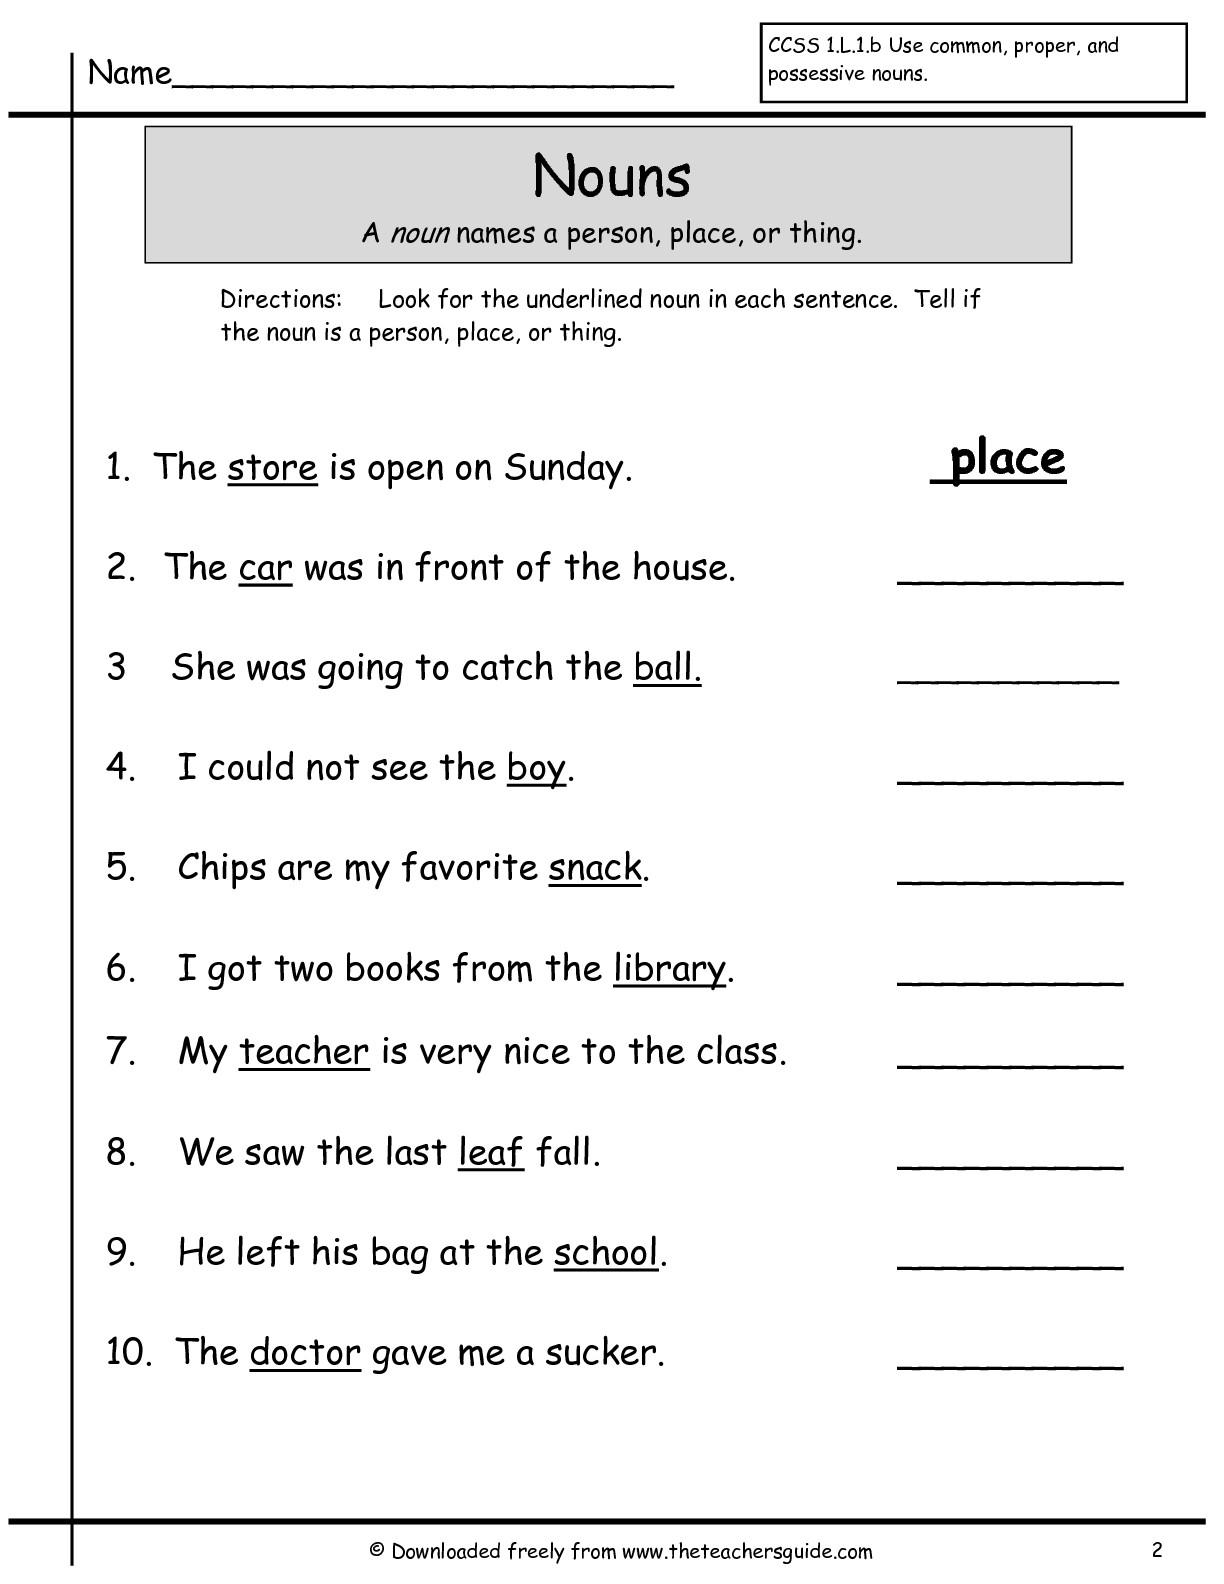 16 Best Images Of First Grade Homework Worksheets